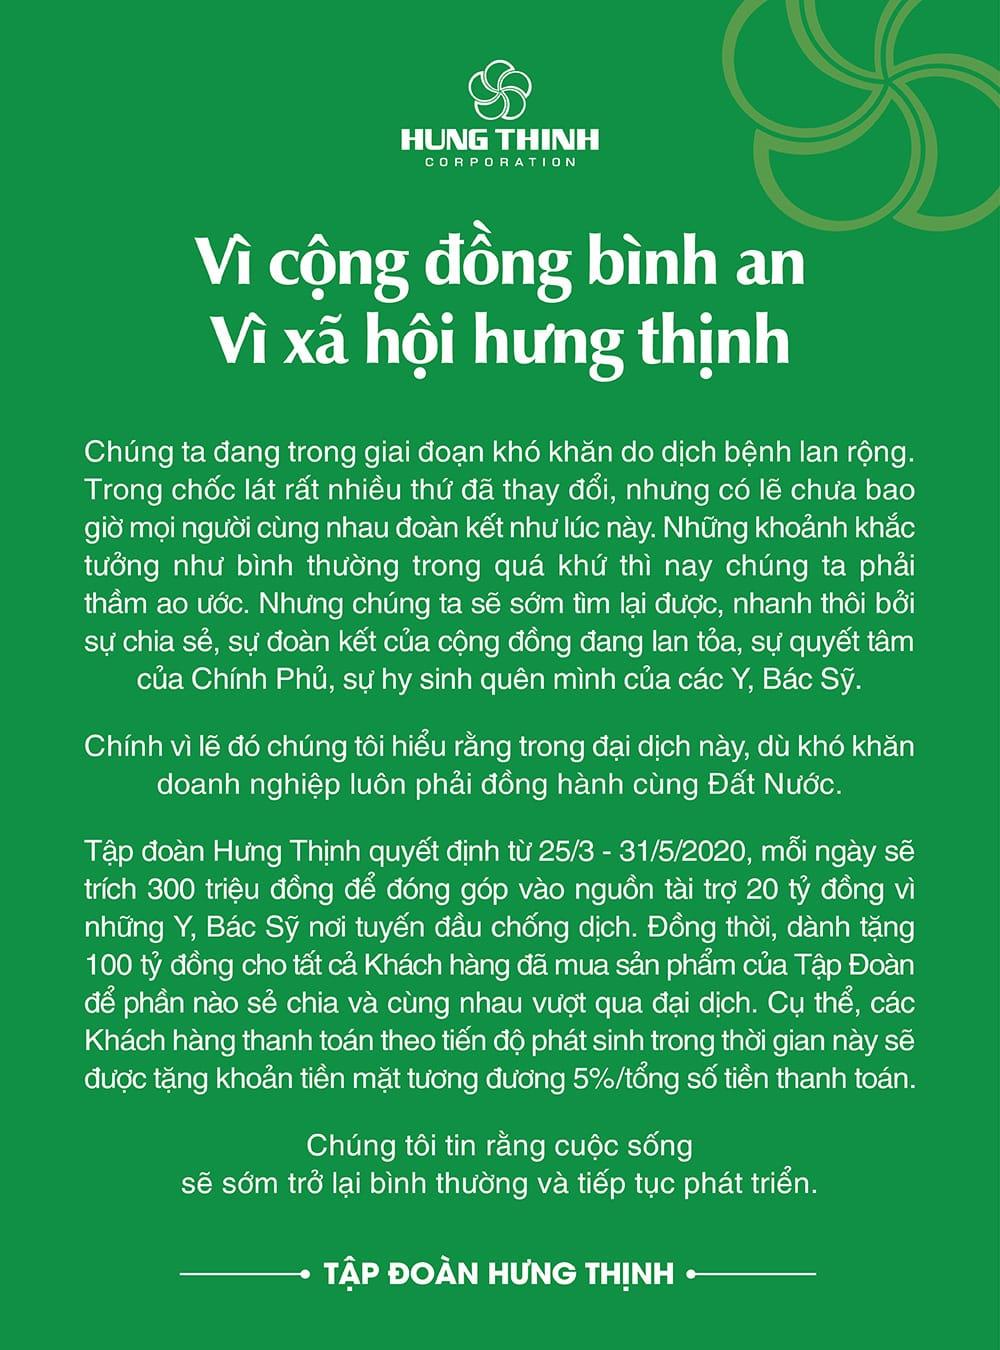 Hưng Thịnh Corp hỗ trợ khách hàng 100 tỷ và 20 tỷ cho đội ngũ Y Bác Sỹ tuyến đầu chống dịch